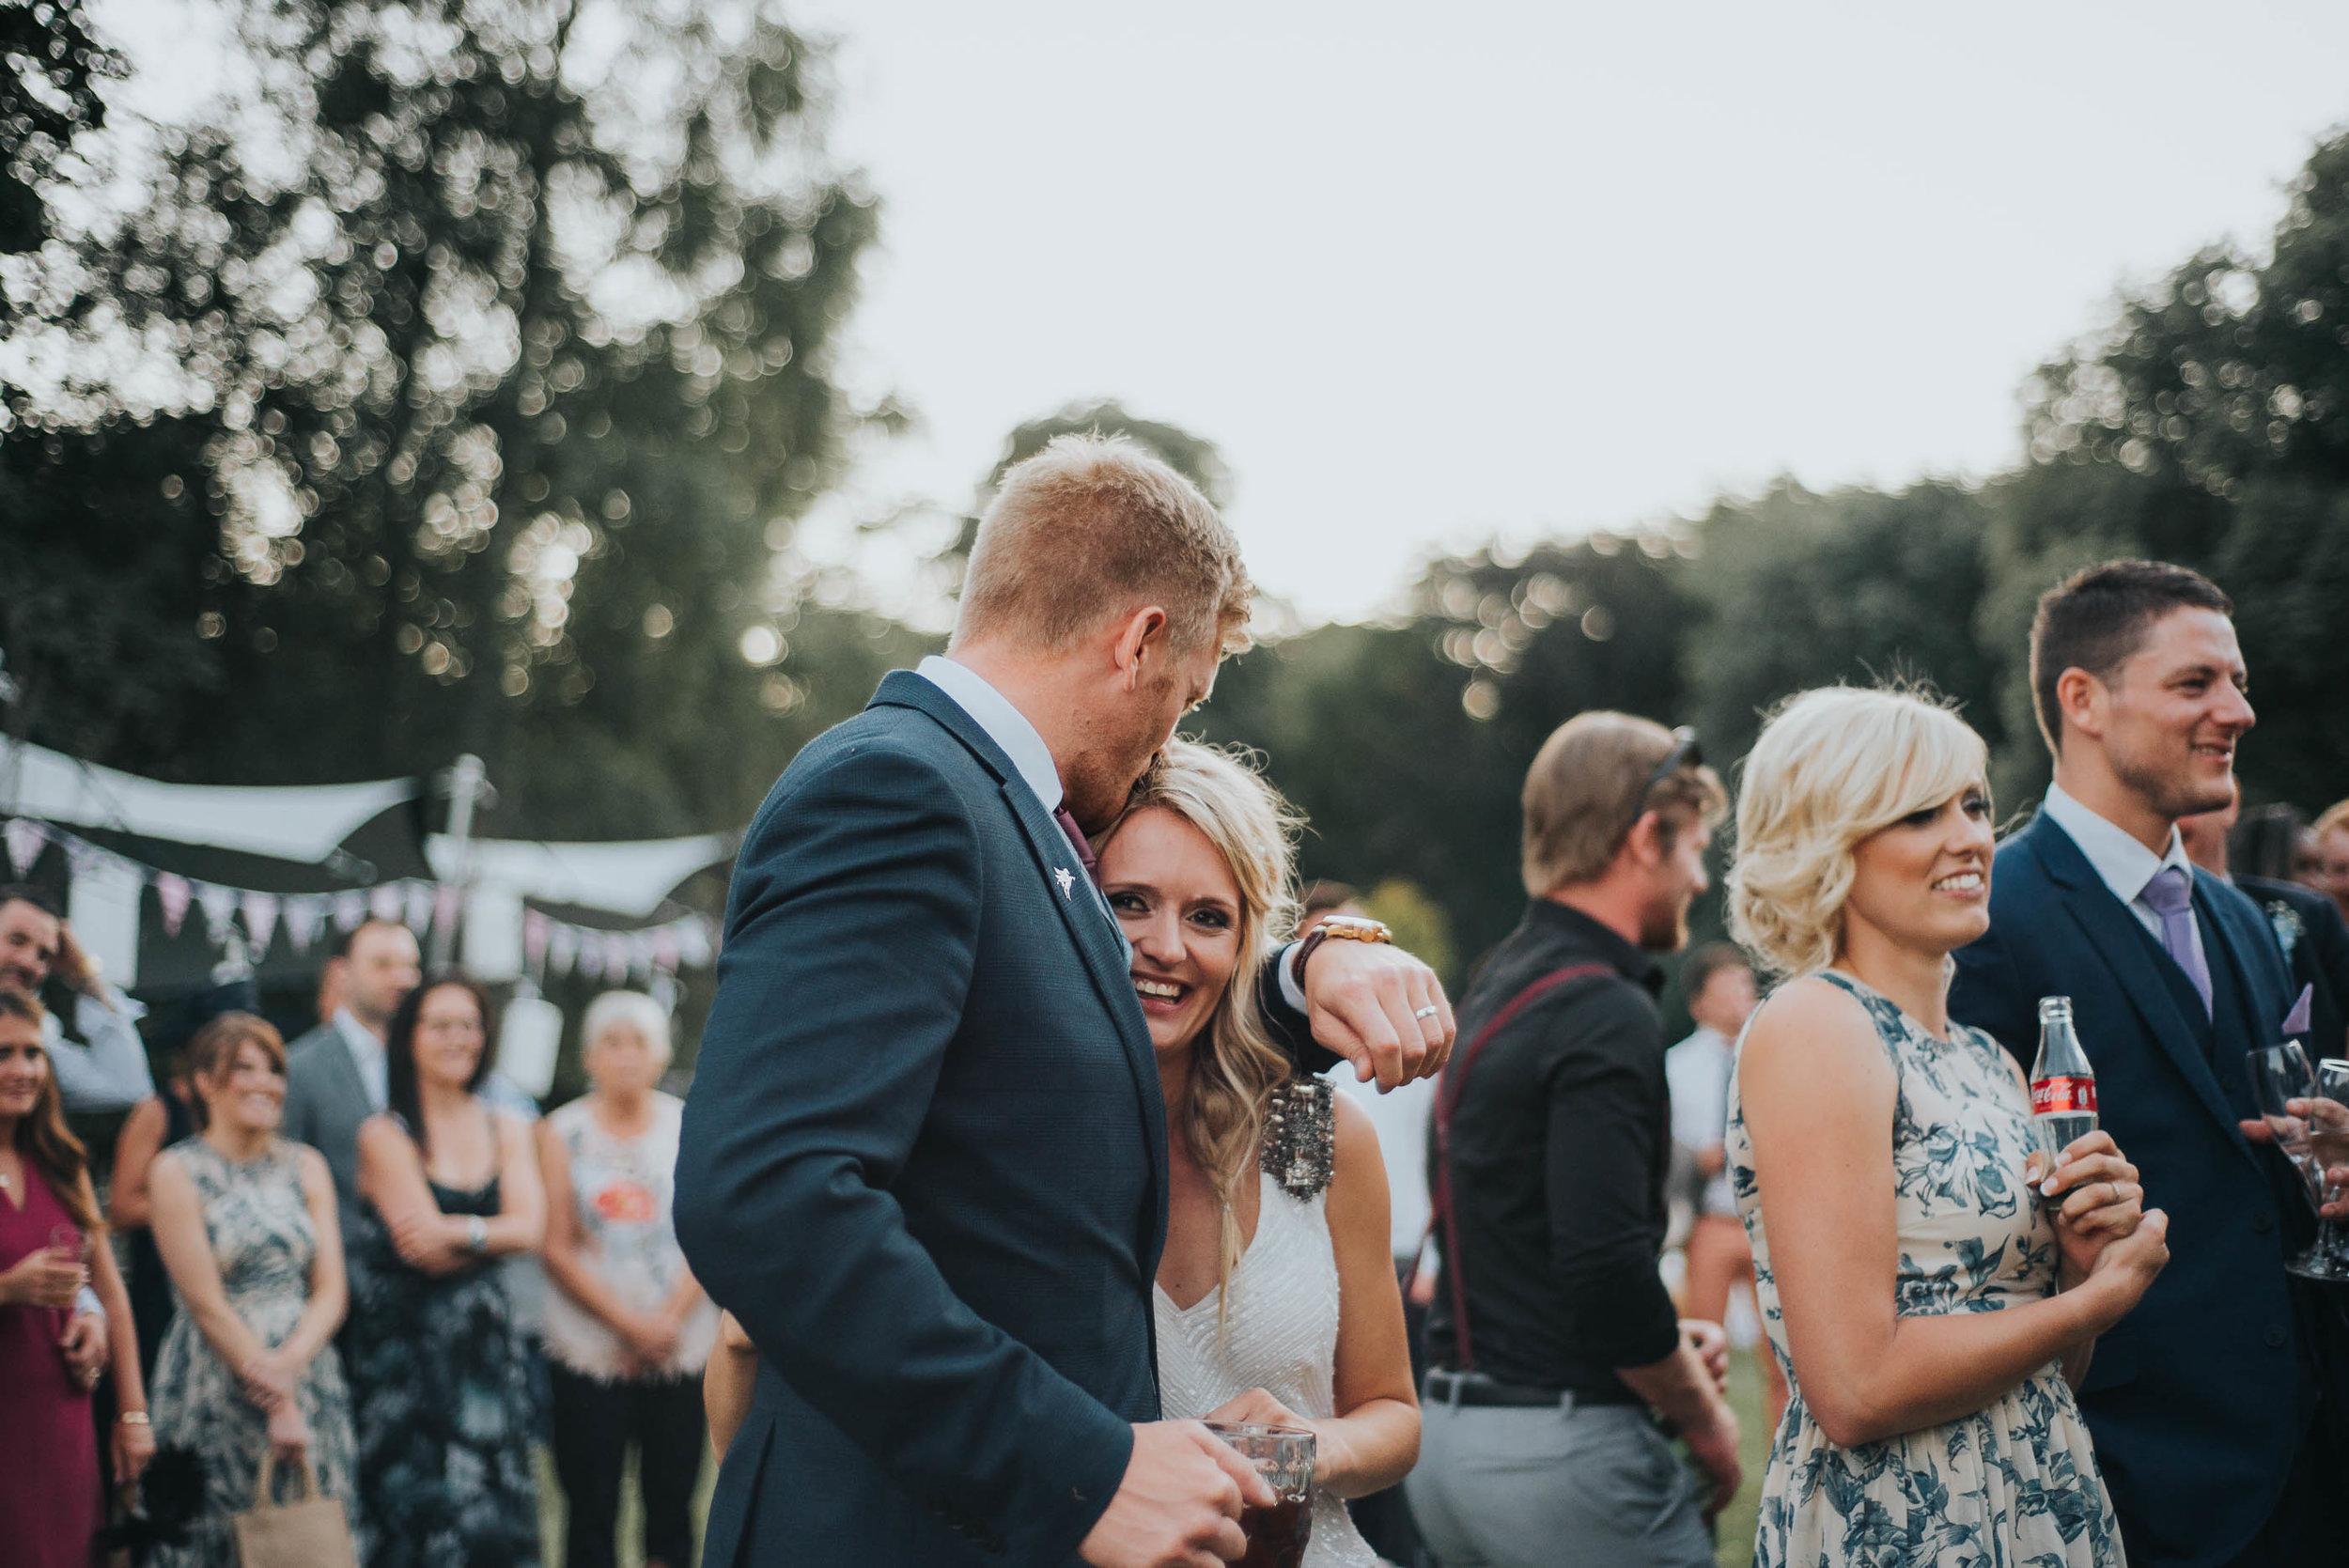 Creative Unique Wedding Photographer Essex Suffolk UK Wedding Photographer www.purplepeartreephotography.com (968).JPG